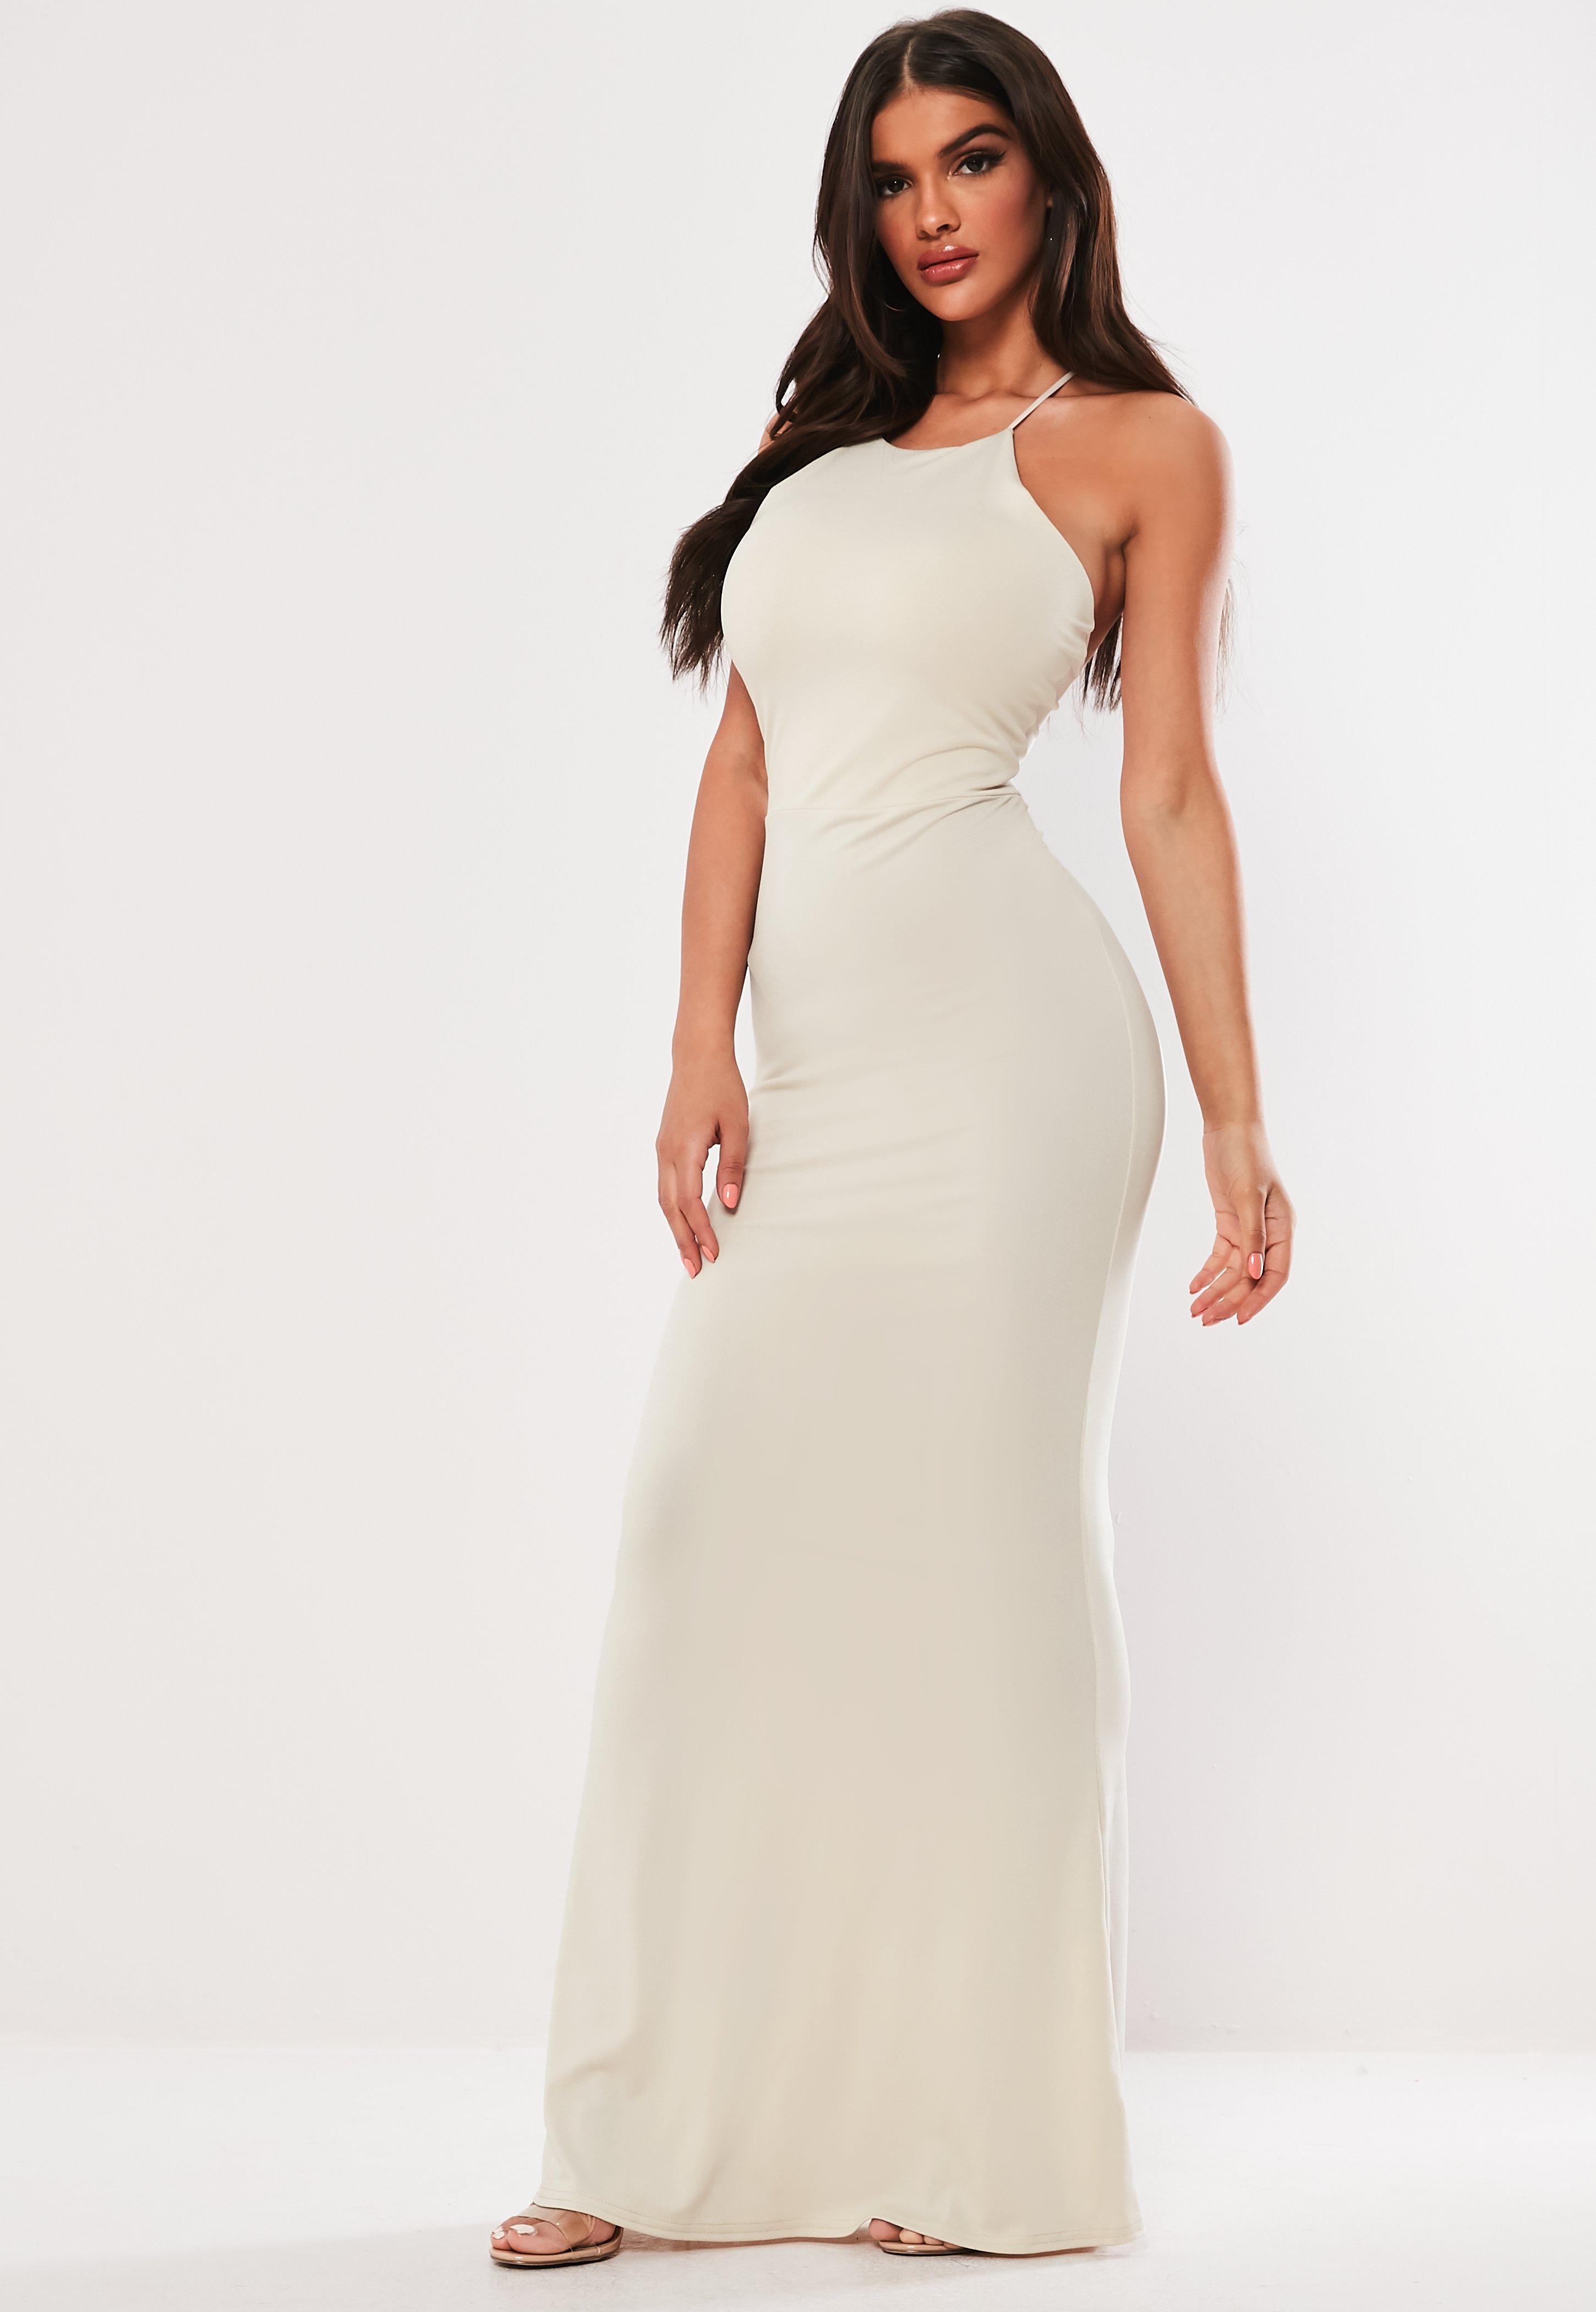 de2318963e1847 Clothes Sale - Women s Cheap Clothes UK - Missguided